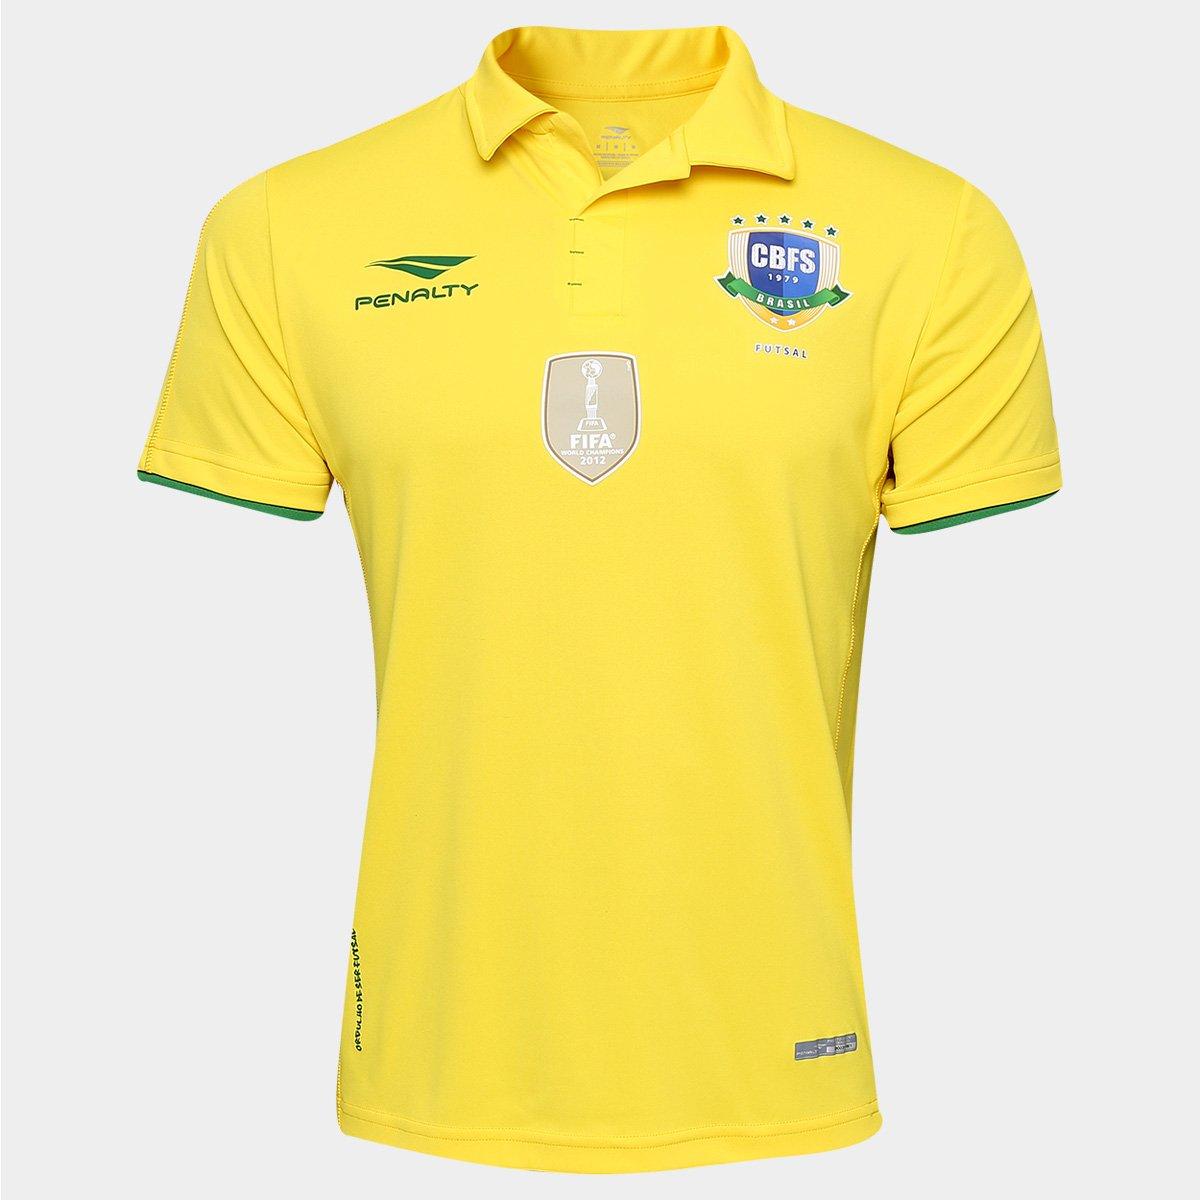 Camisa Penalty Seleção Brasileira de Futsal I 2016 s nº - Compre Agora  8ad5d0653119a